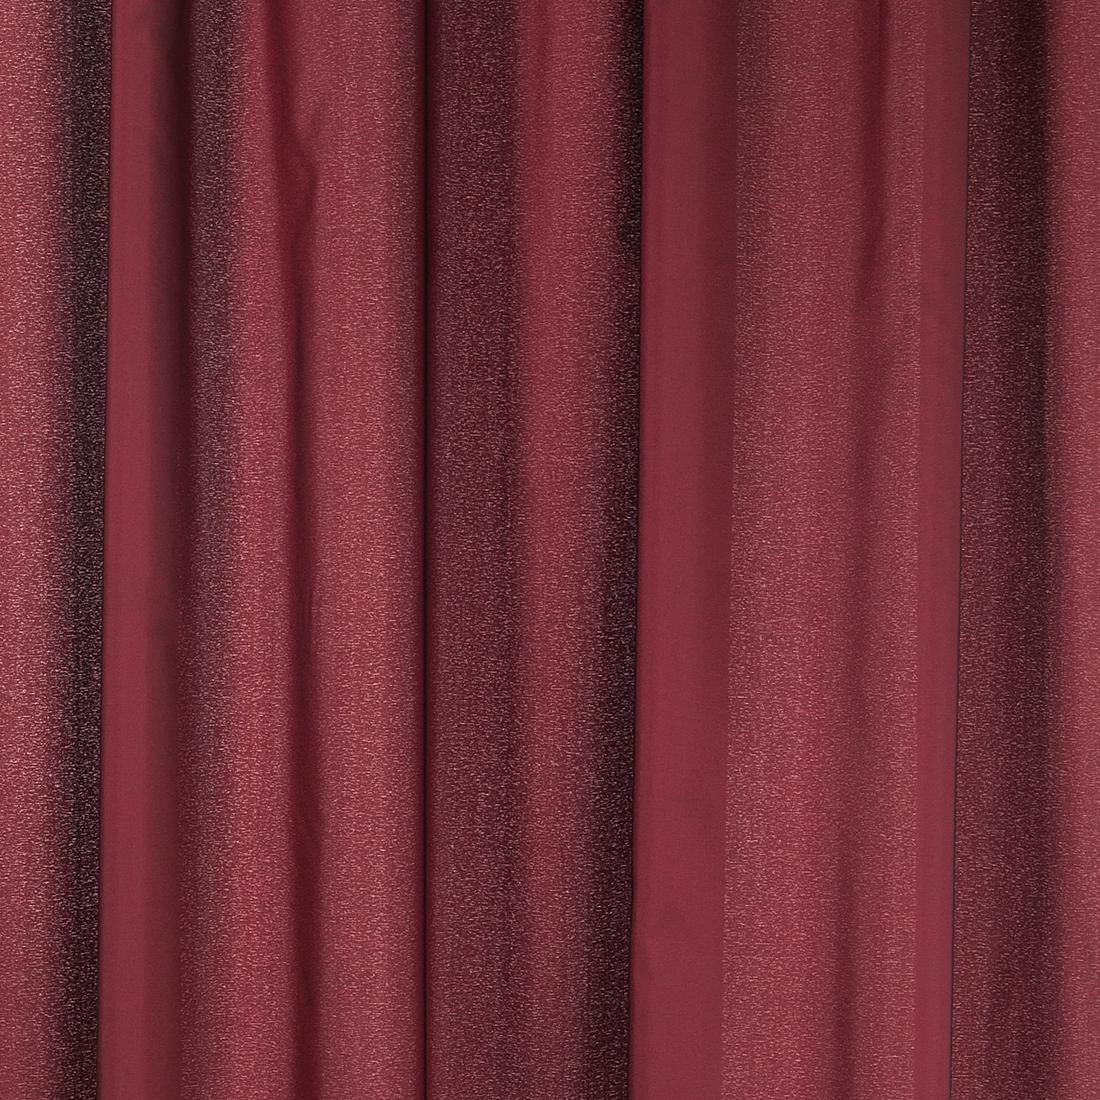 vorhang mit kr uselband bordeaux gardine neu ebay. Black Bedroom Furniture Sets. Home Design Ideas